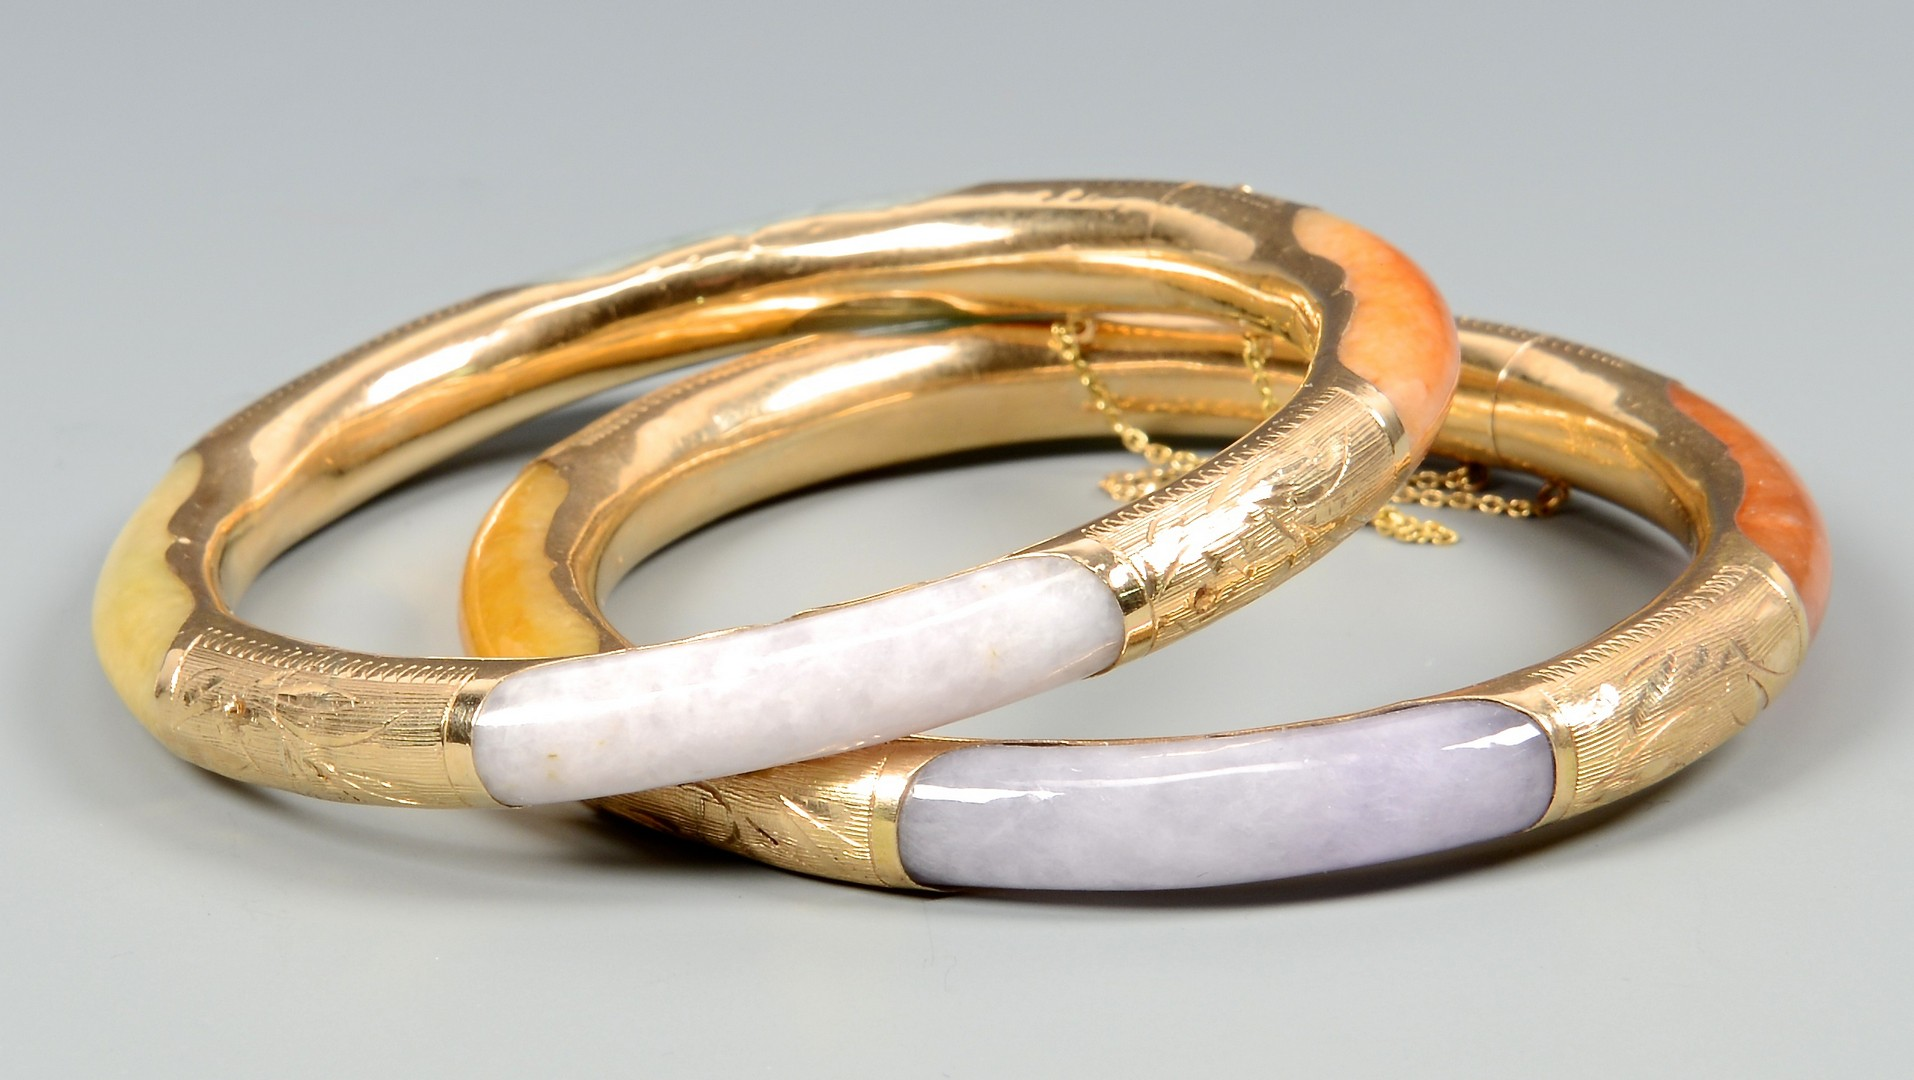 Lot 3832374: Two 14K Multicolored Jade Bracelets